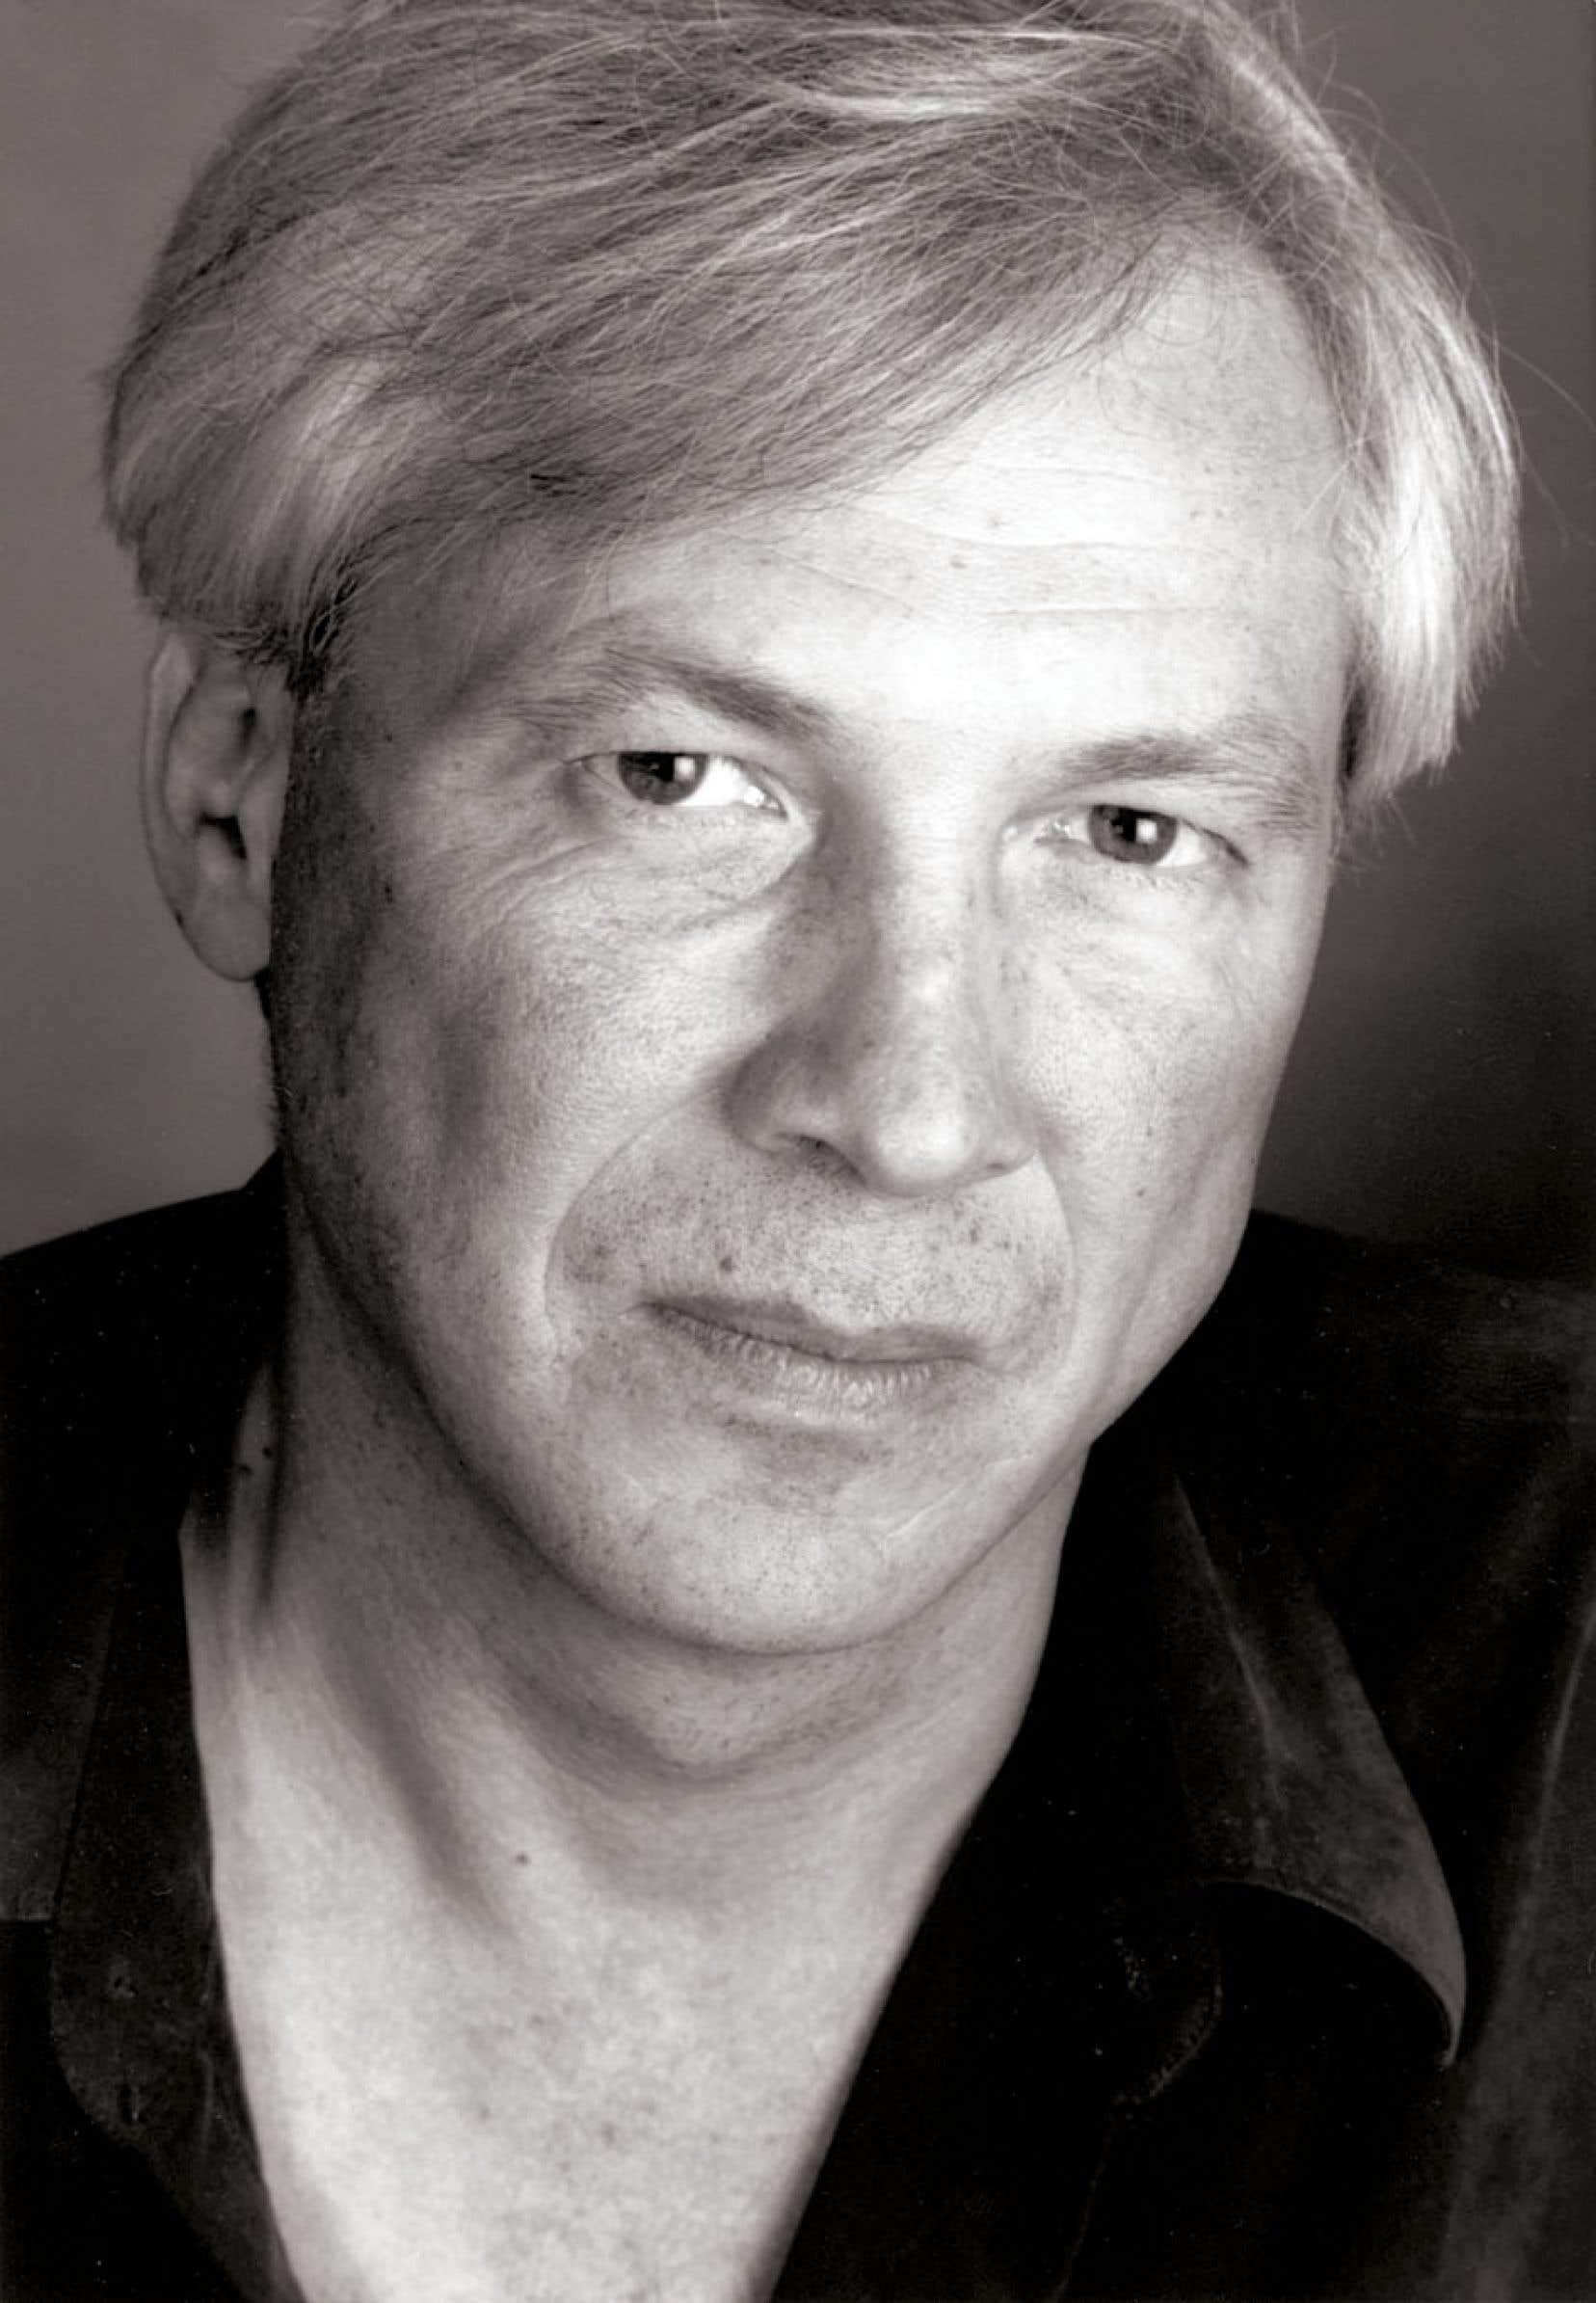 Gaétan Soucy (1958-2013) se concevait d'abord comme un écrivain, mais le métier et la vocation d'enseignant de la philosophie, loin d'être un simple gagne-pain, lui importait au plus haut point, bien qu'il lui fût parfois difficile, surtout en raison d'une hétéronomie croissante entre le contenu et la « gestion » de l'enseignement.